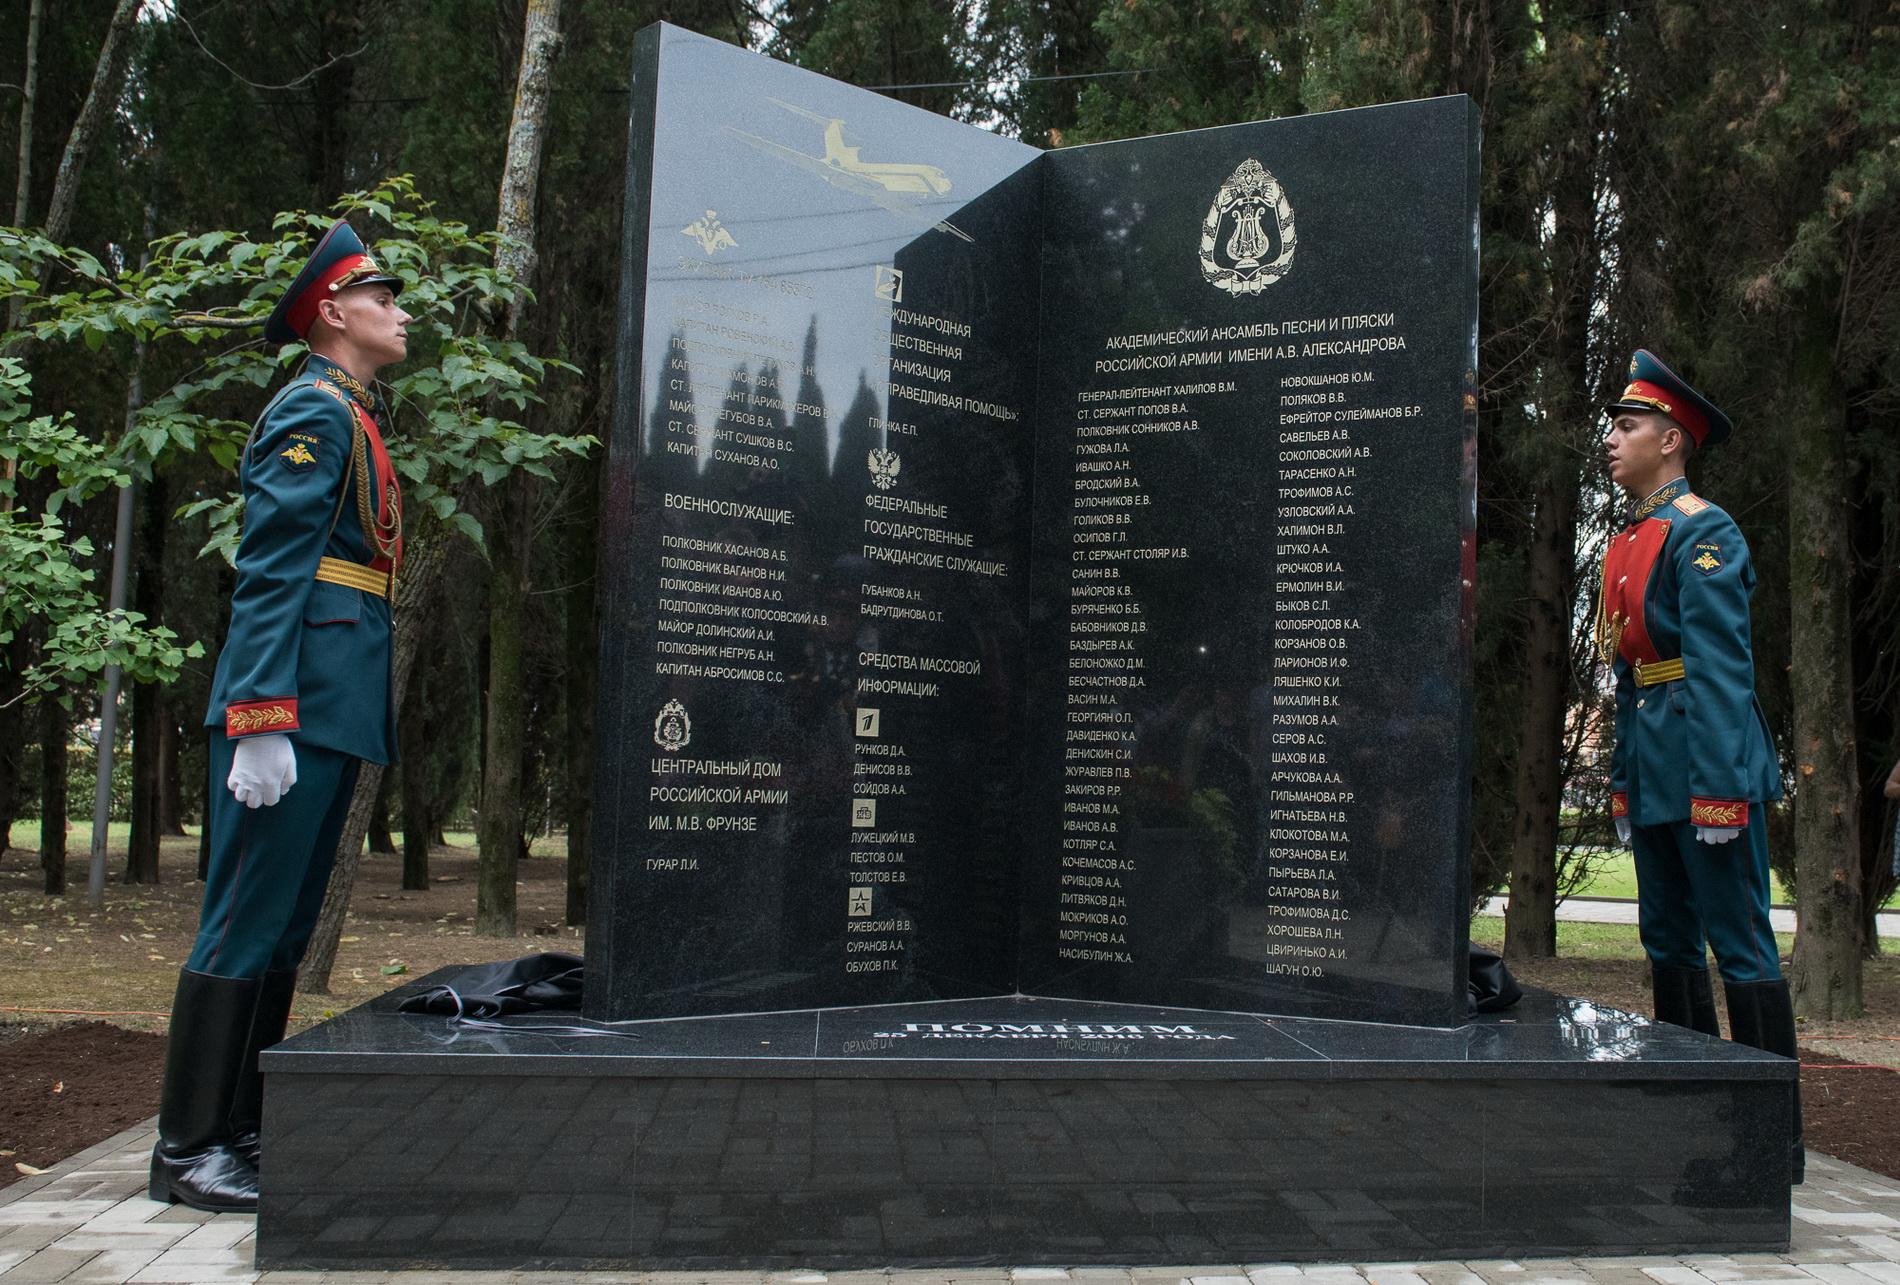 Открытие памятника погибшим в авиакатастрофе над Черным морем в Сочи